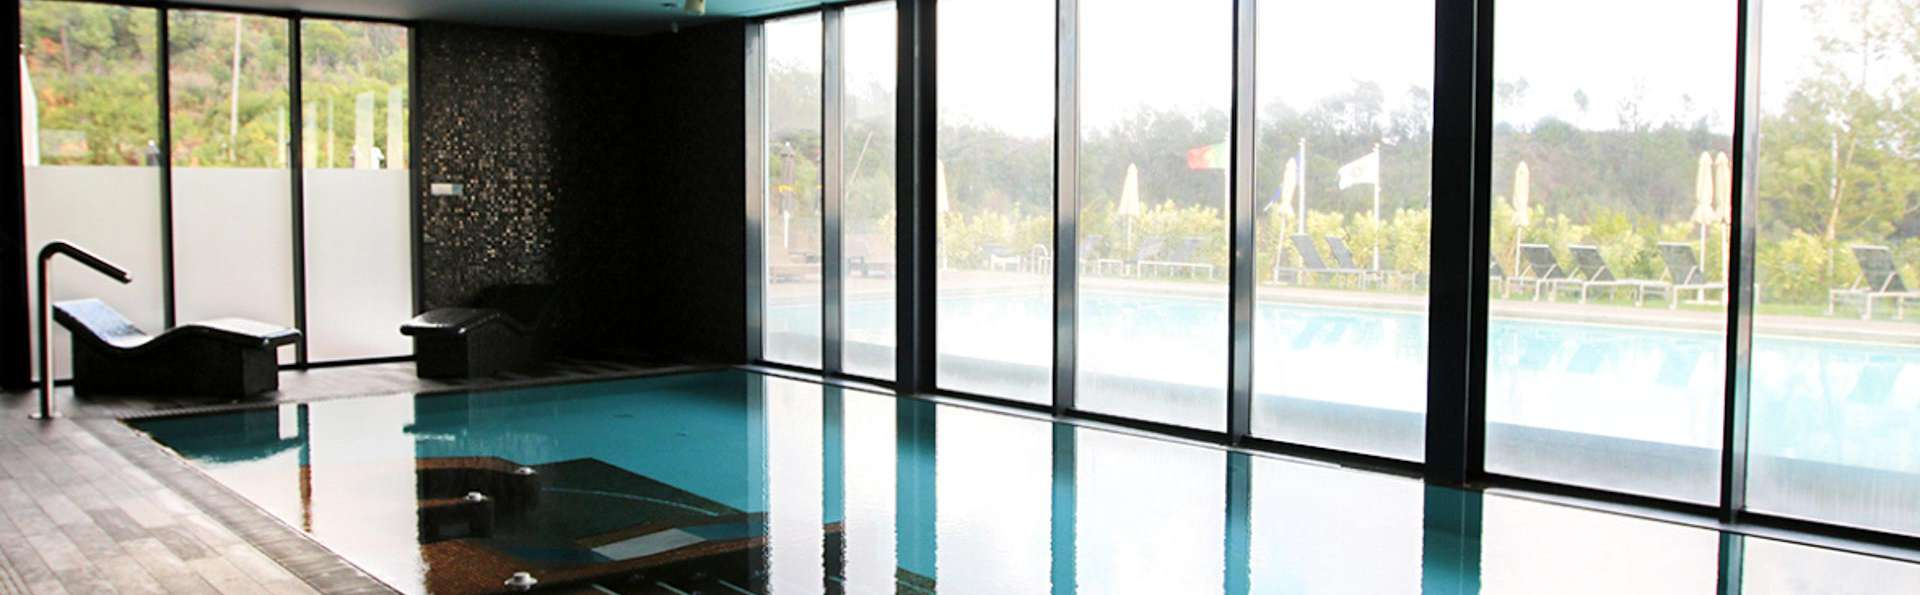 Speciale lusso e relax: con cena, accesso alle lezioni di Spa e Fitness ad Algarve (da 3 notti)